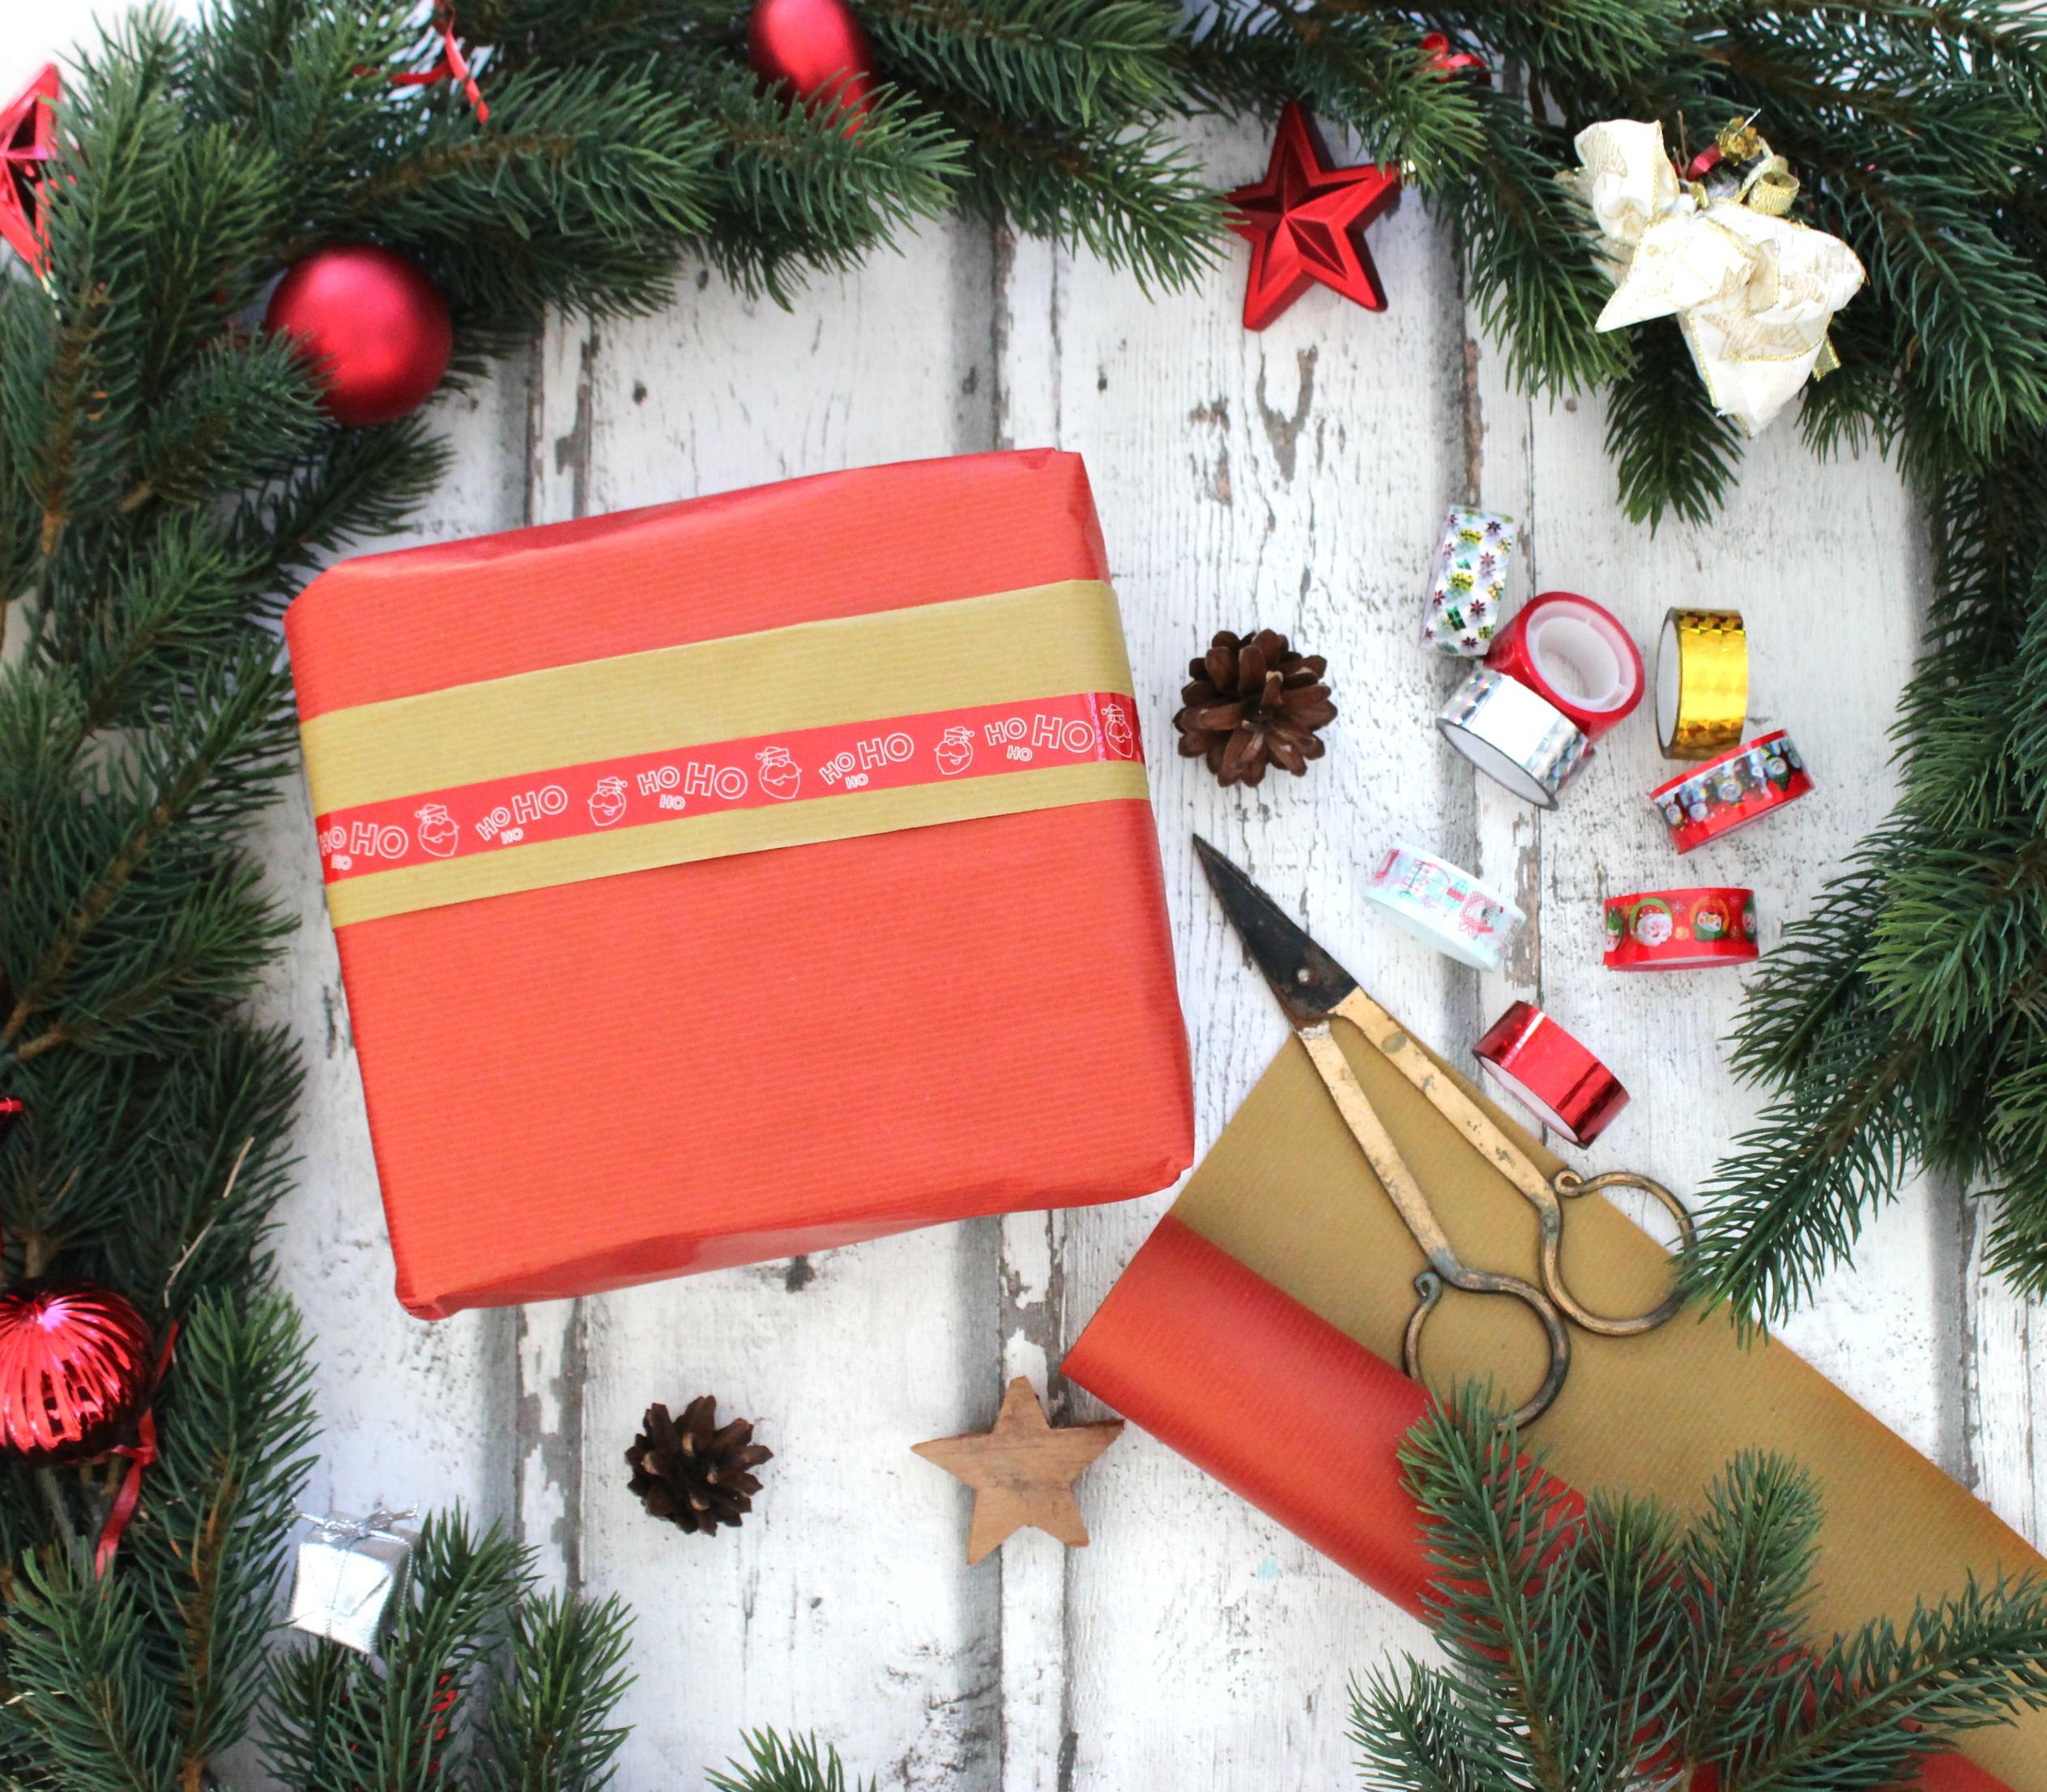 Geschenkideen Familie Weihnachten.Lifestylemommy Geschenkideen Zu Weihnachten Für Die Ganze Familie